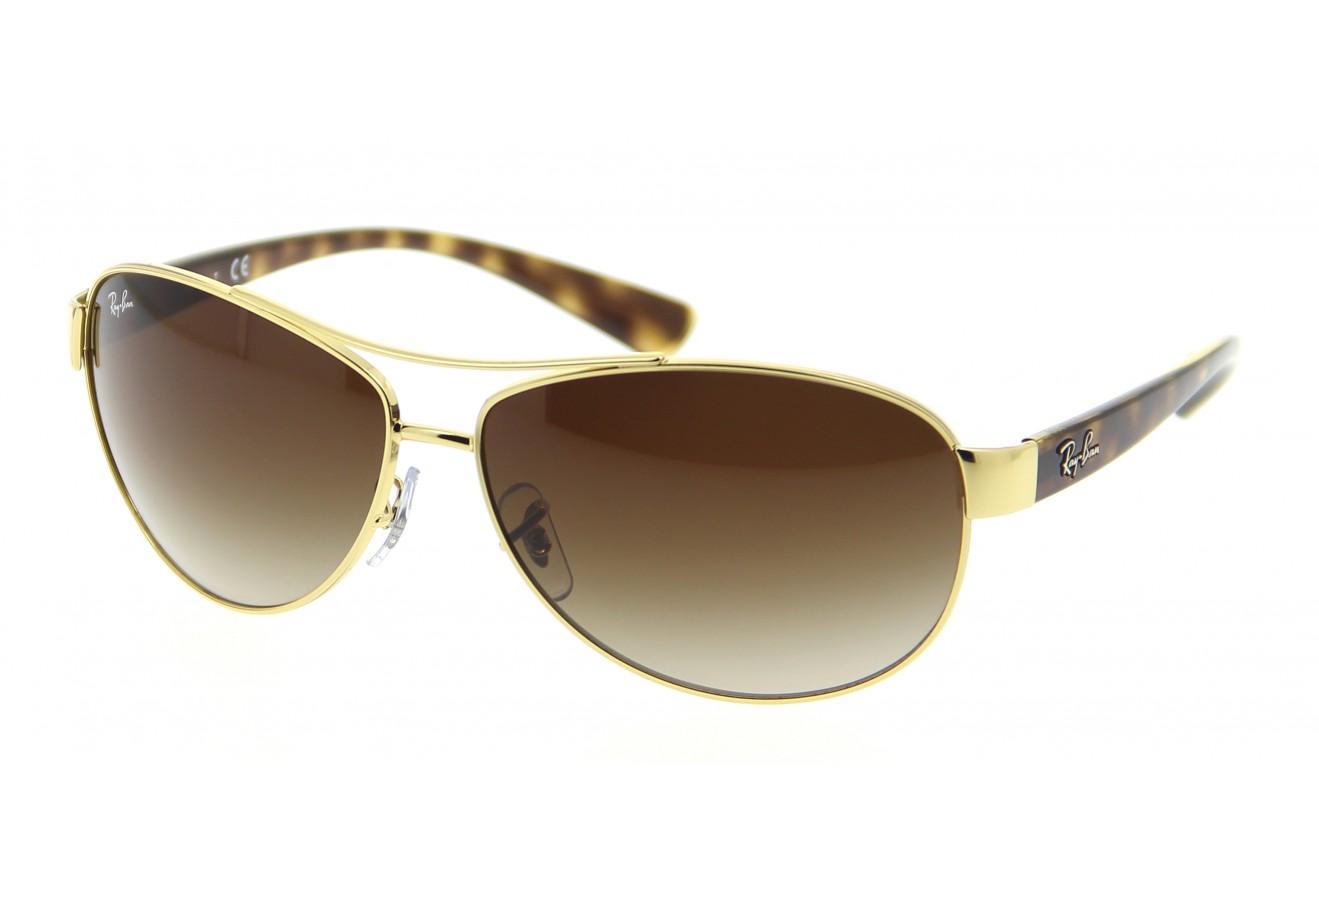 lunettes de soleil ray ban rb 3386 001 13 63 13. Black Bedroom Furniture Sets. Home Design Ideas